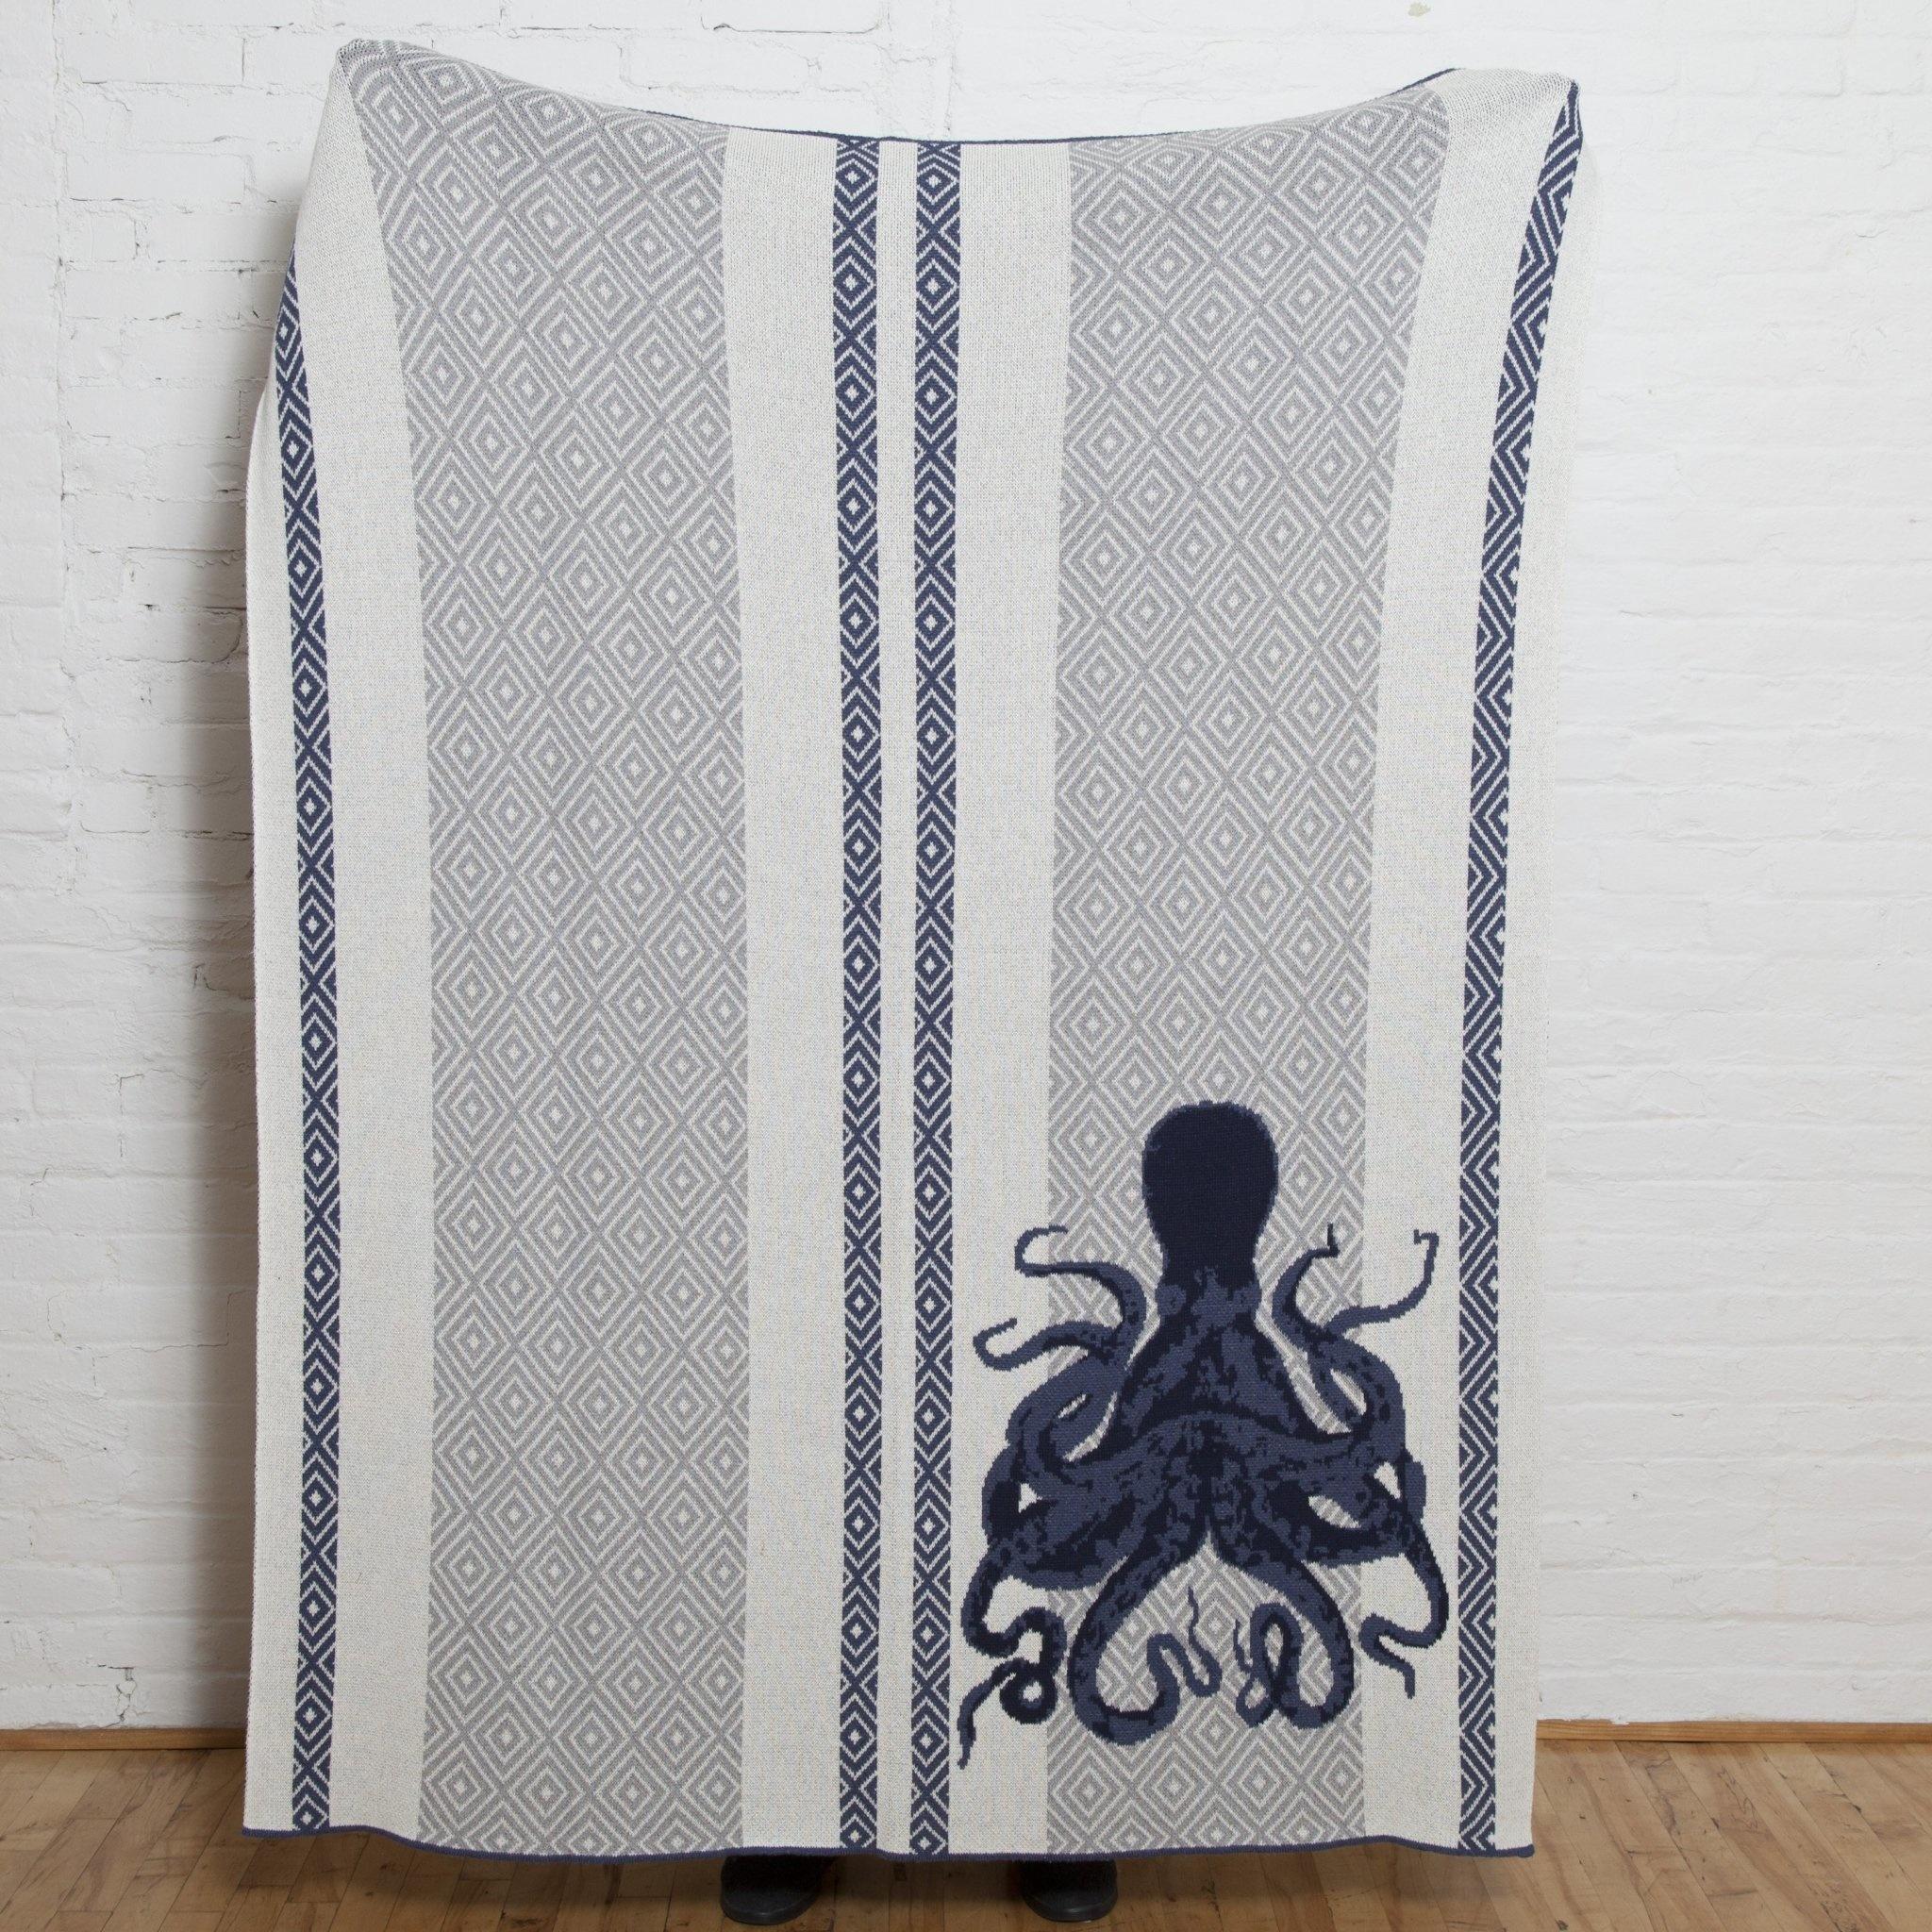 Octopus Square Milk/Alum/Slate/Marine Throw